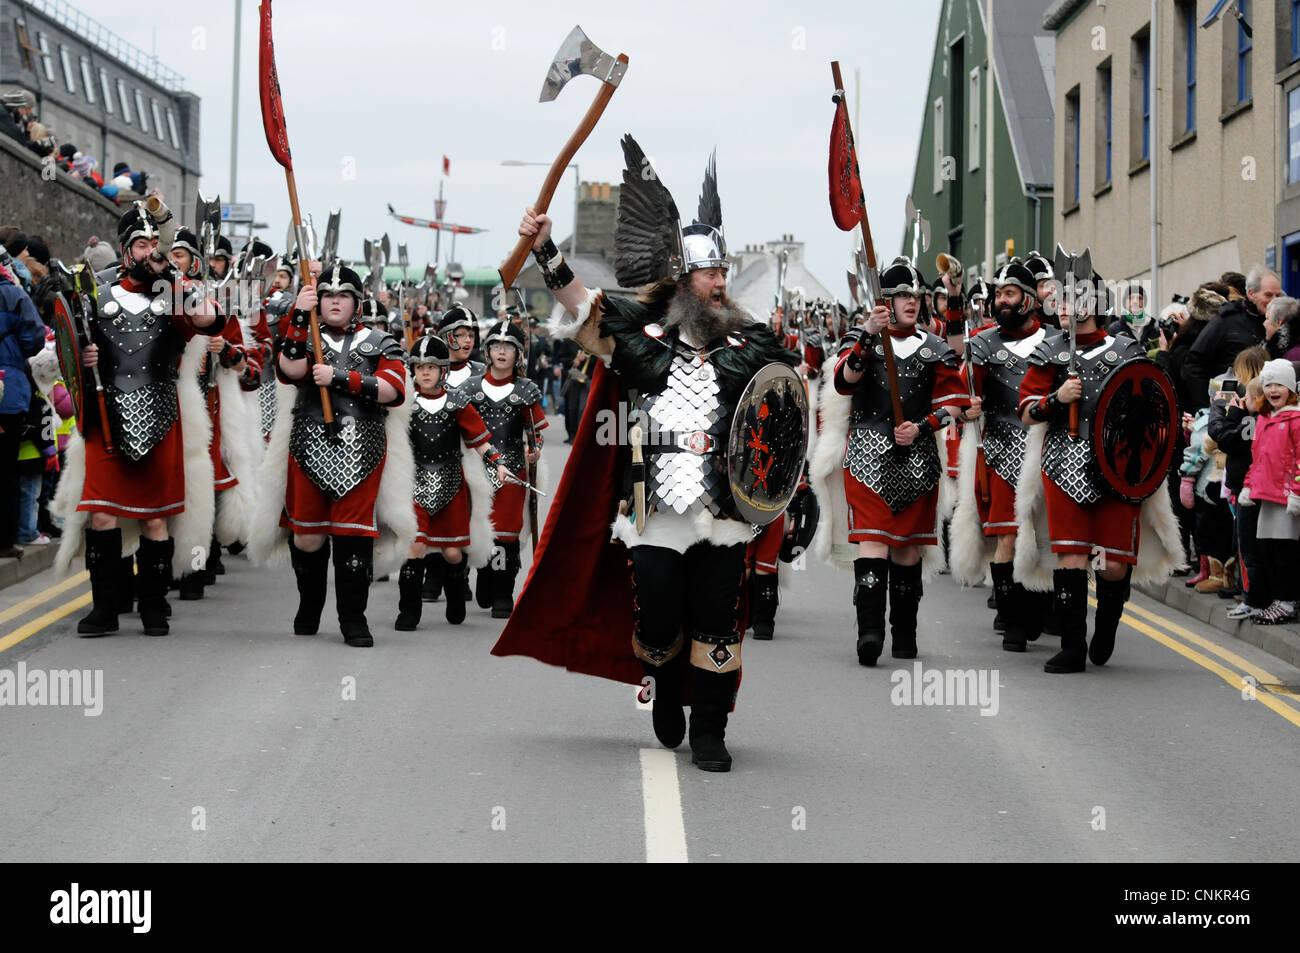 up-helly-aa-fire-festival-shetland-lerwick-2012-CNKR4G.jpg